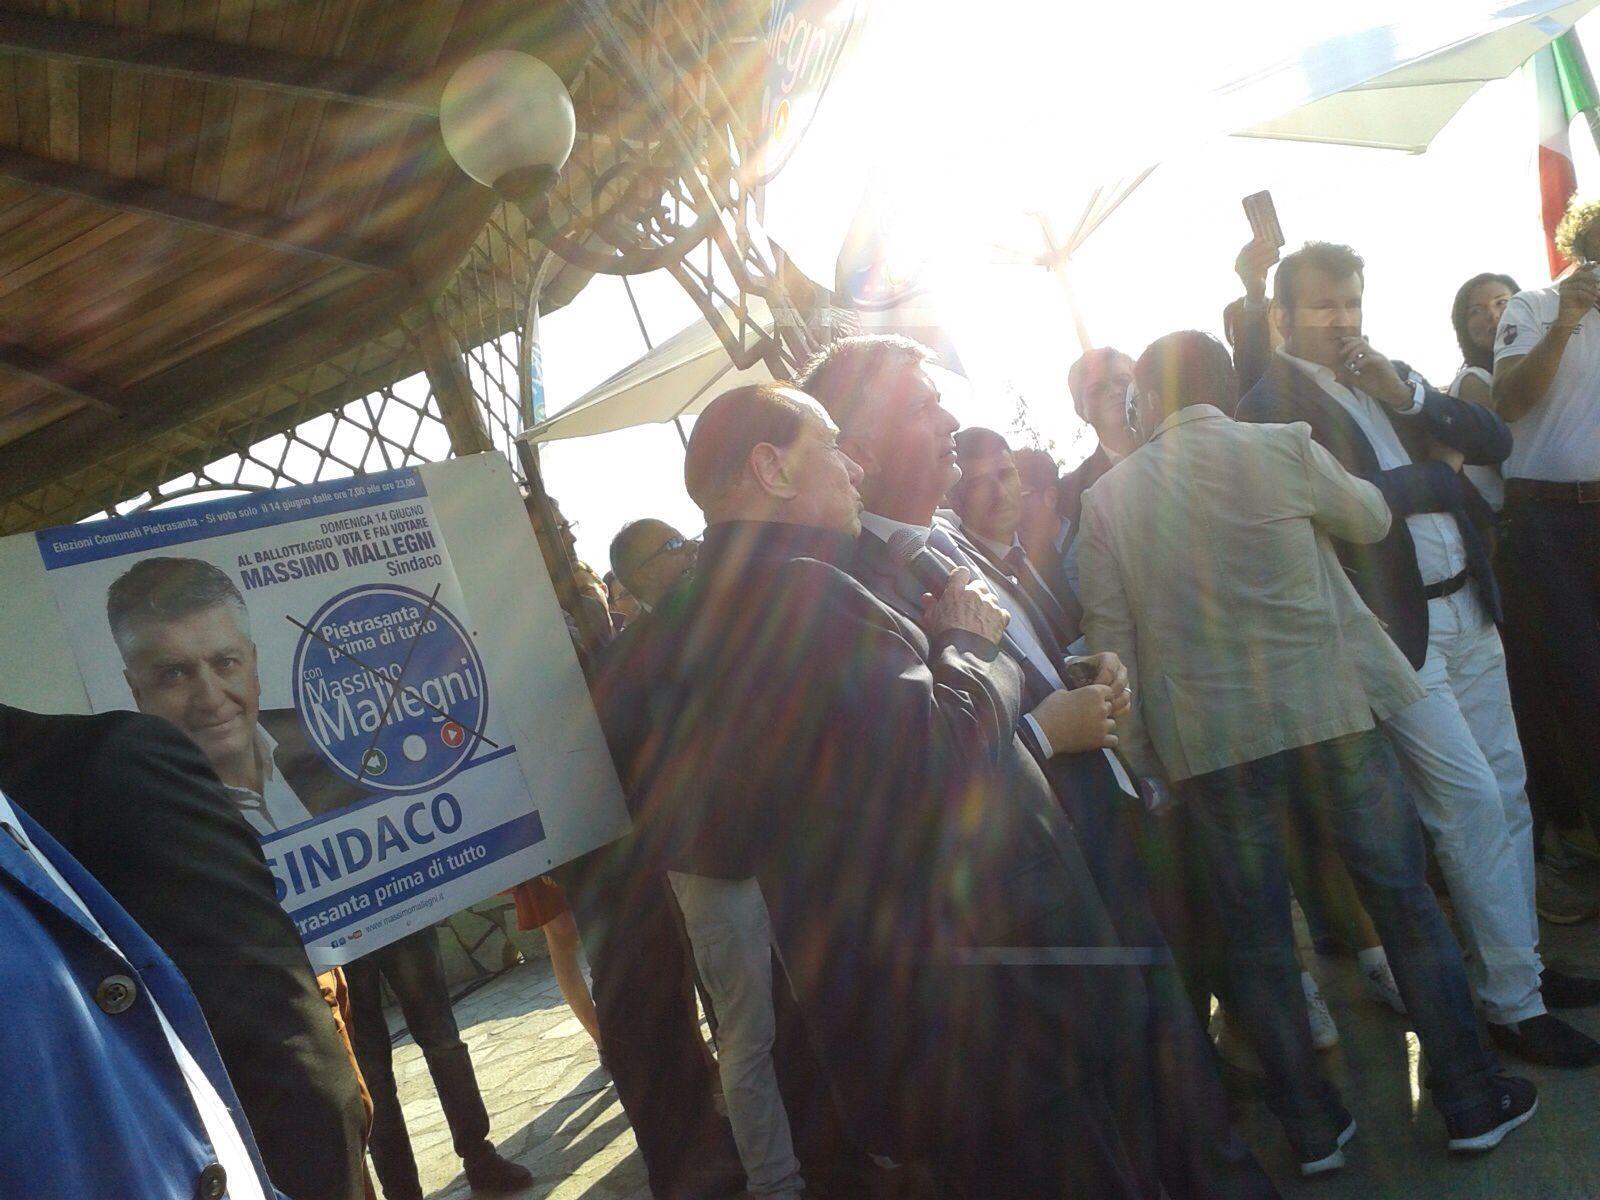 Elezioni 2015. Arrivano i complimenti di Berlusconi per la vittoria di Massimo Mallegni